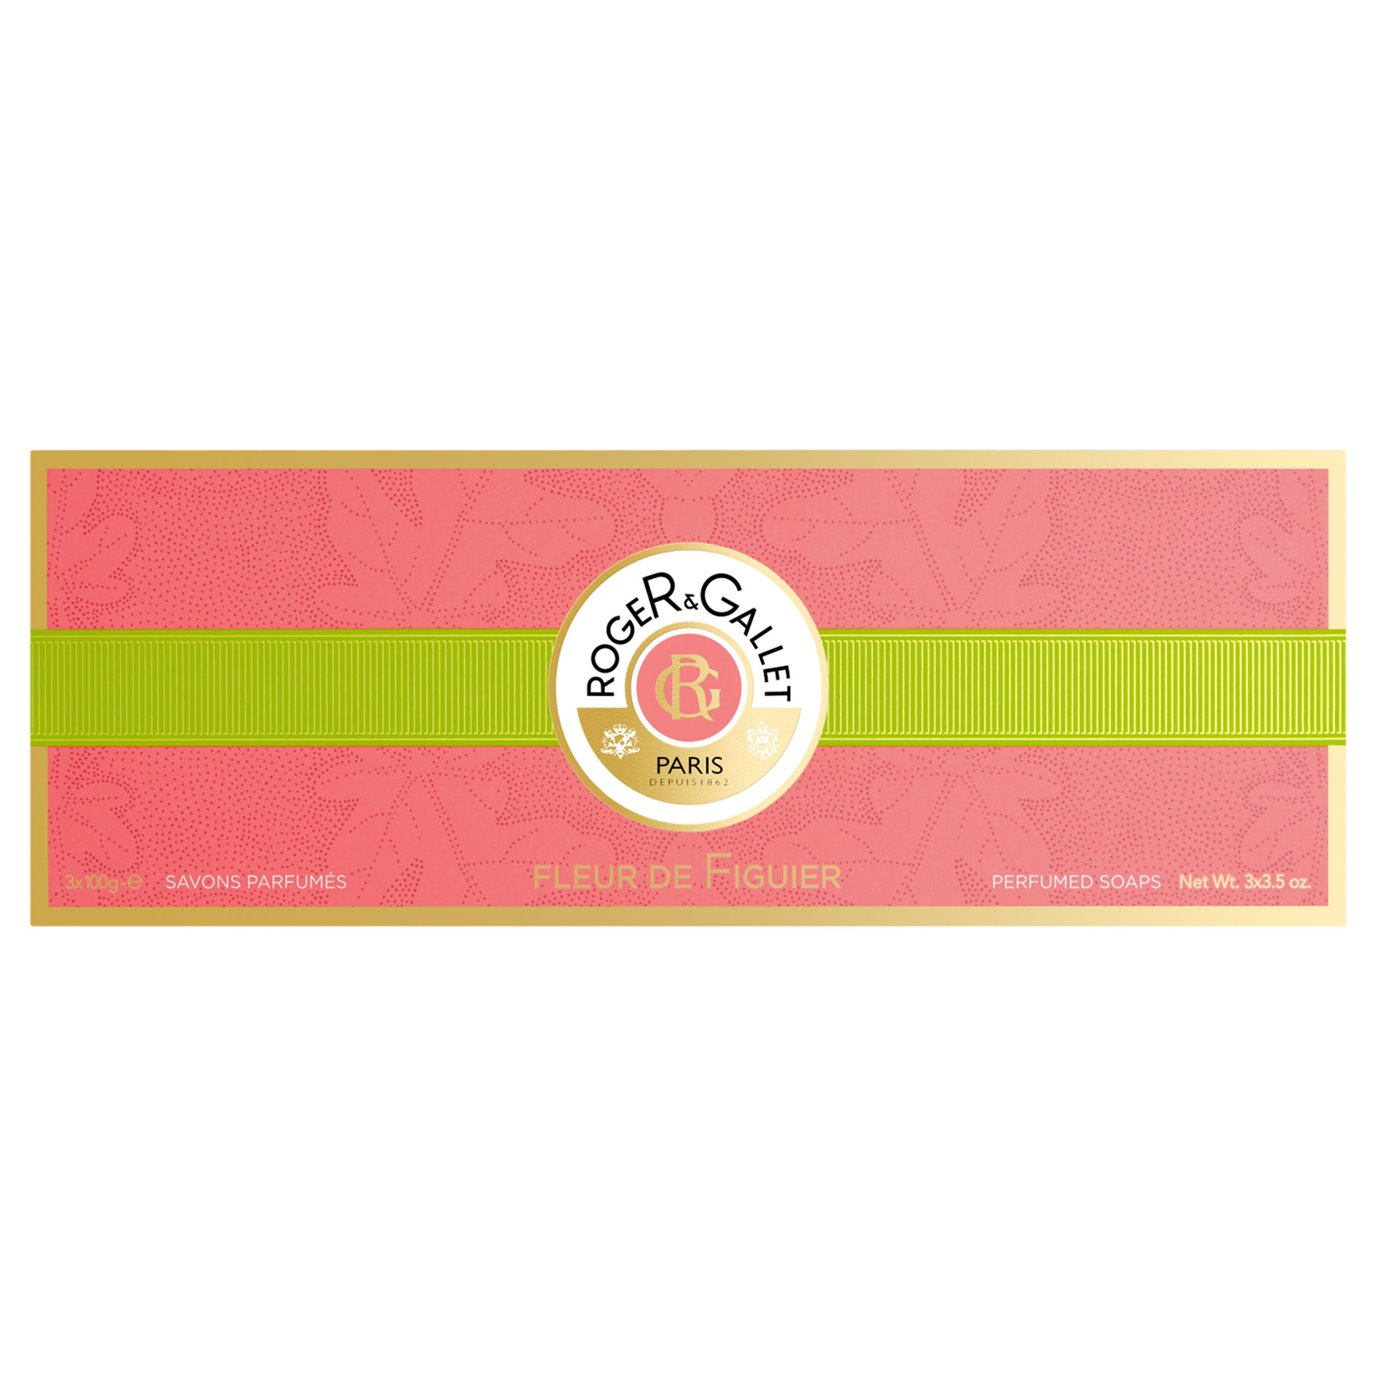 Roger & Gallet Fleur de Figuier Soaps Box of 3 (3 bars, each 3.5 oz., 100g)